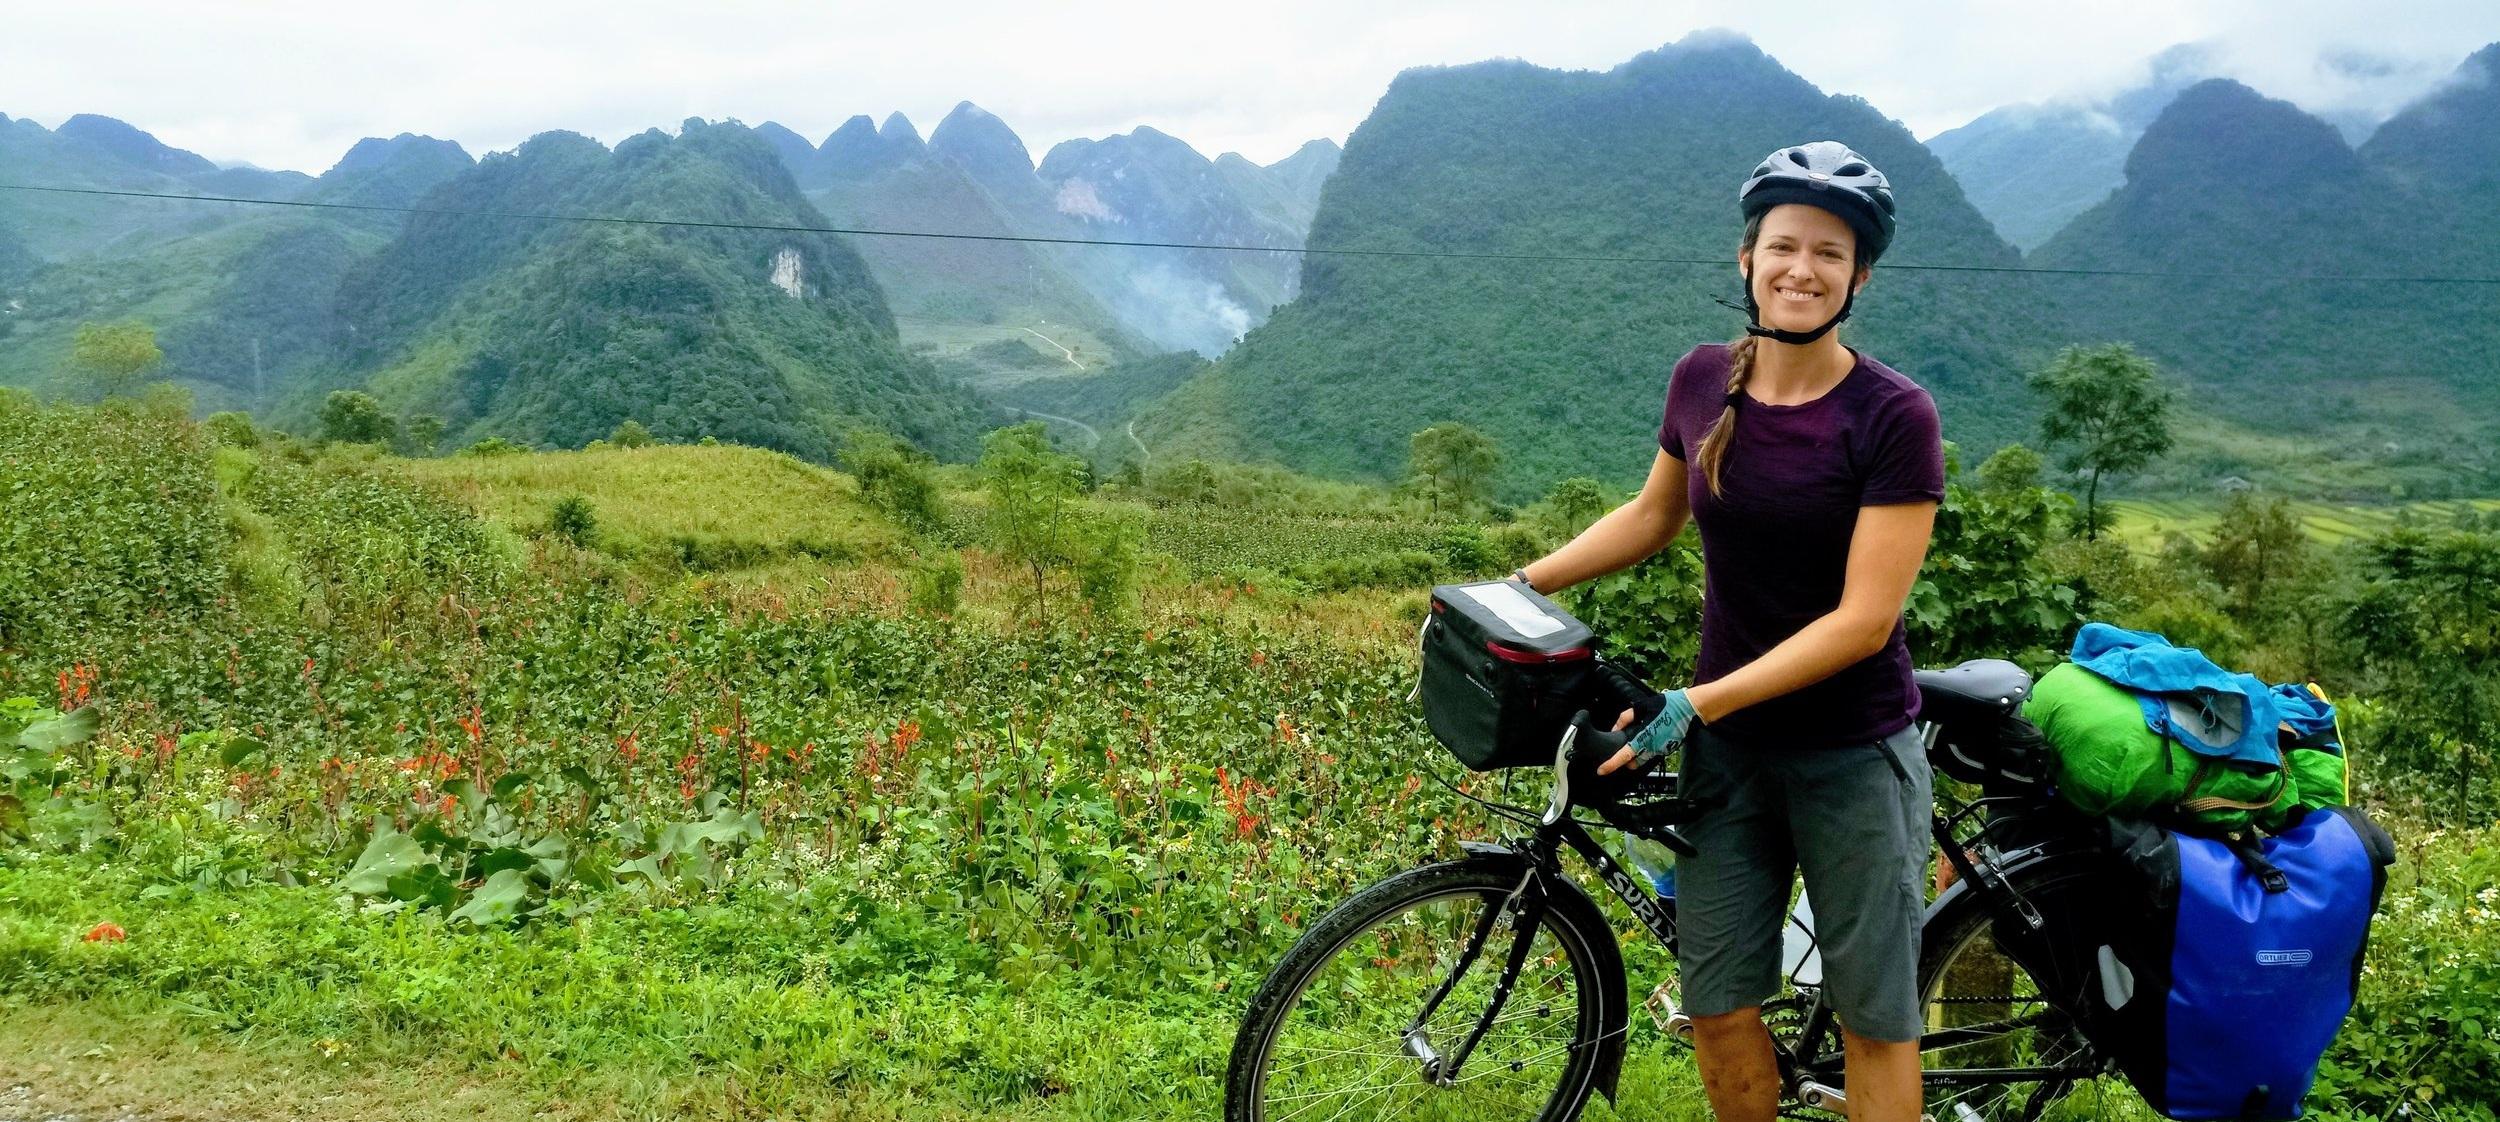 VietnamAlissaBellsolofemaletouringbicycle.jpg